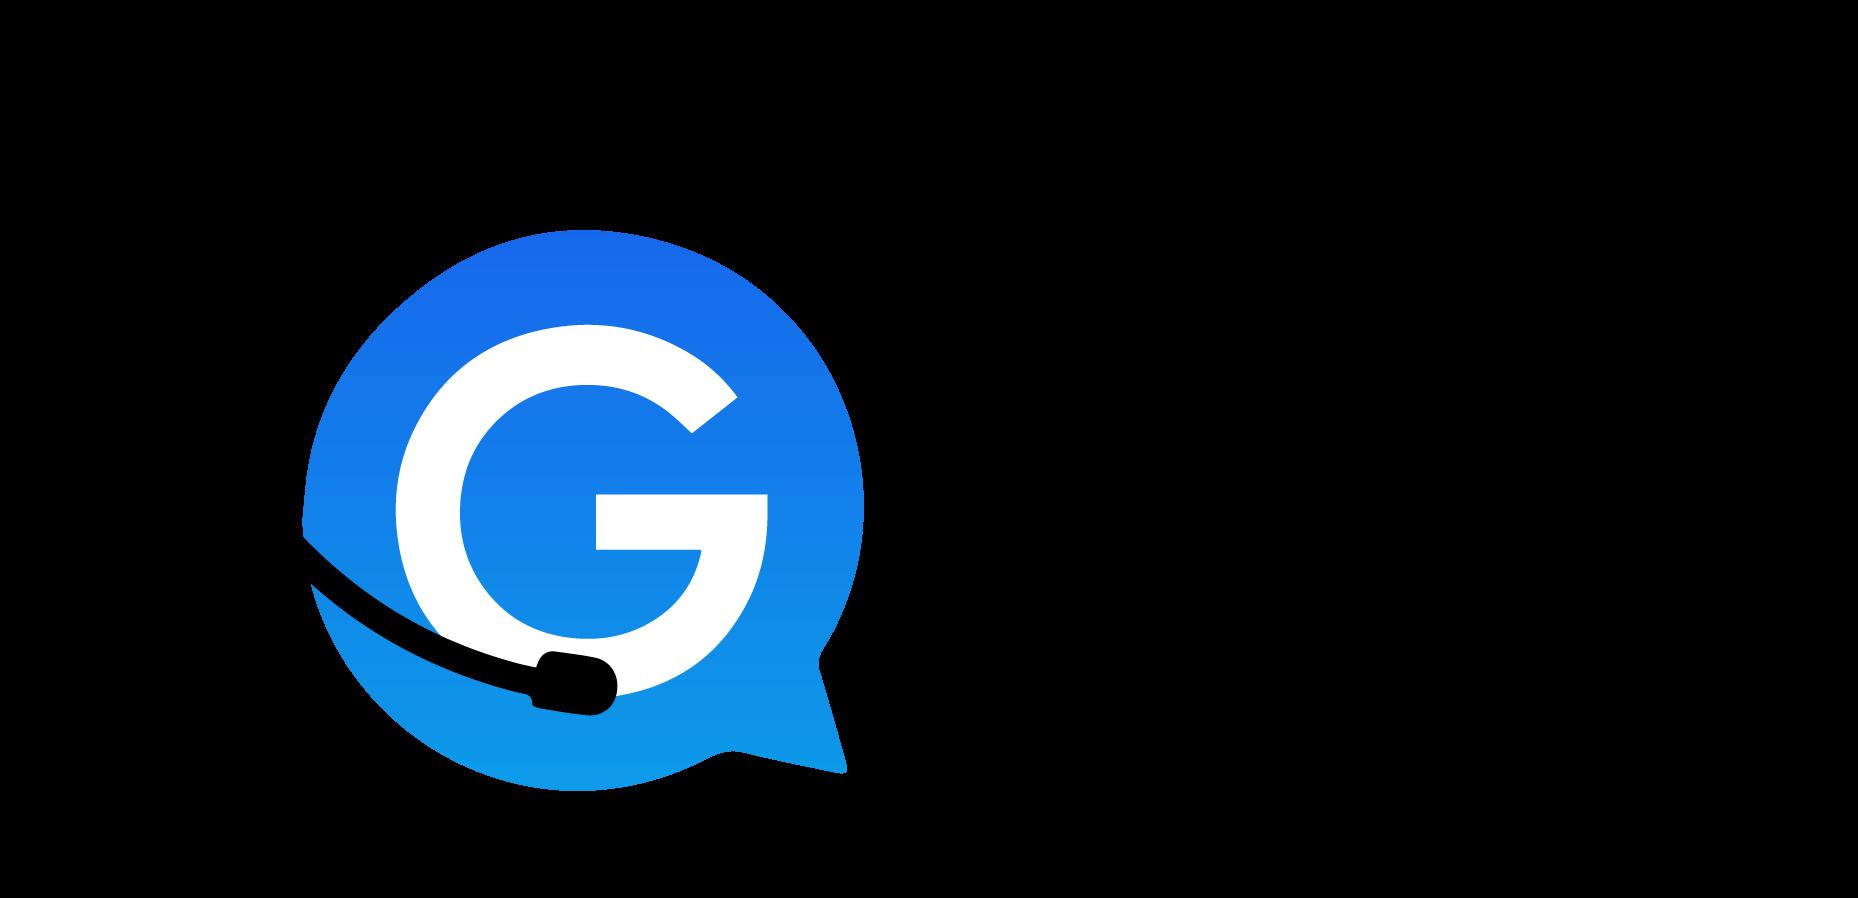 Gagl logo